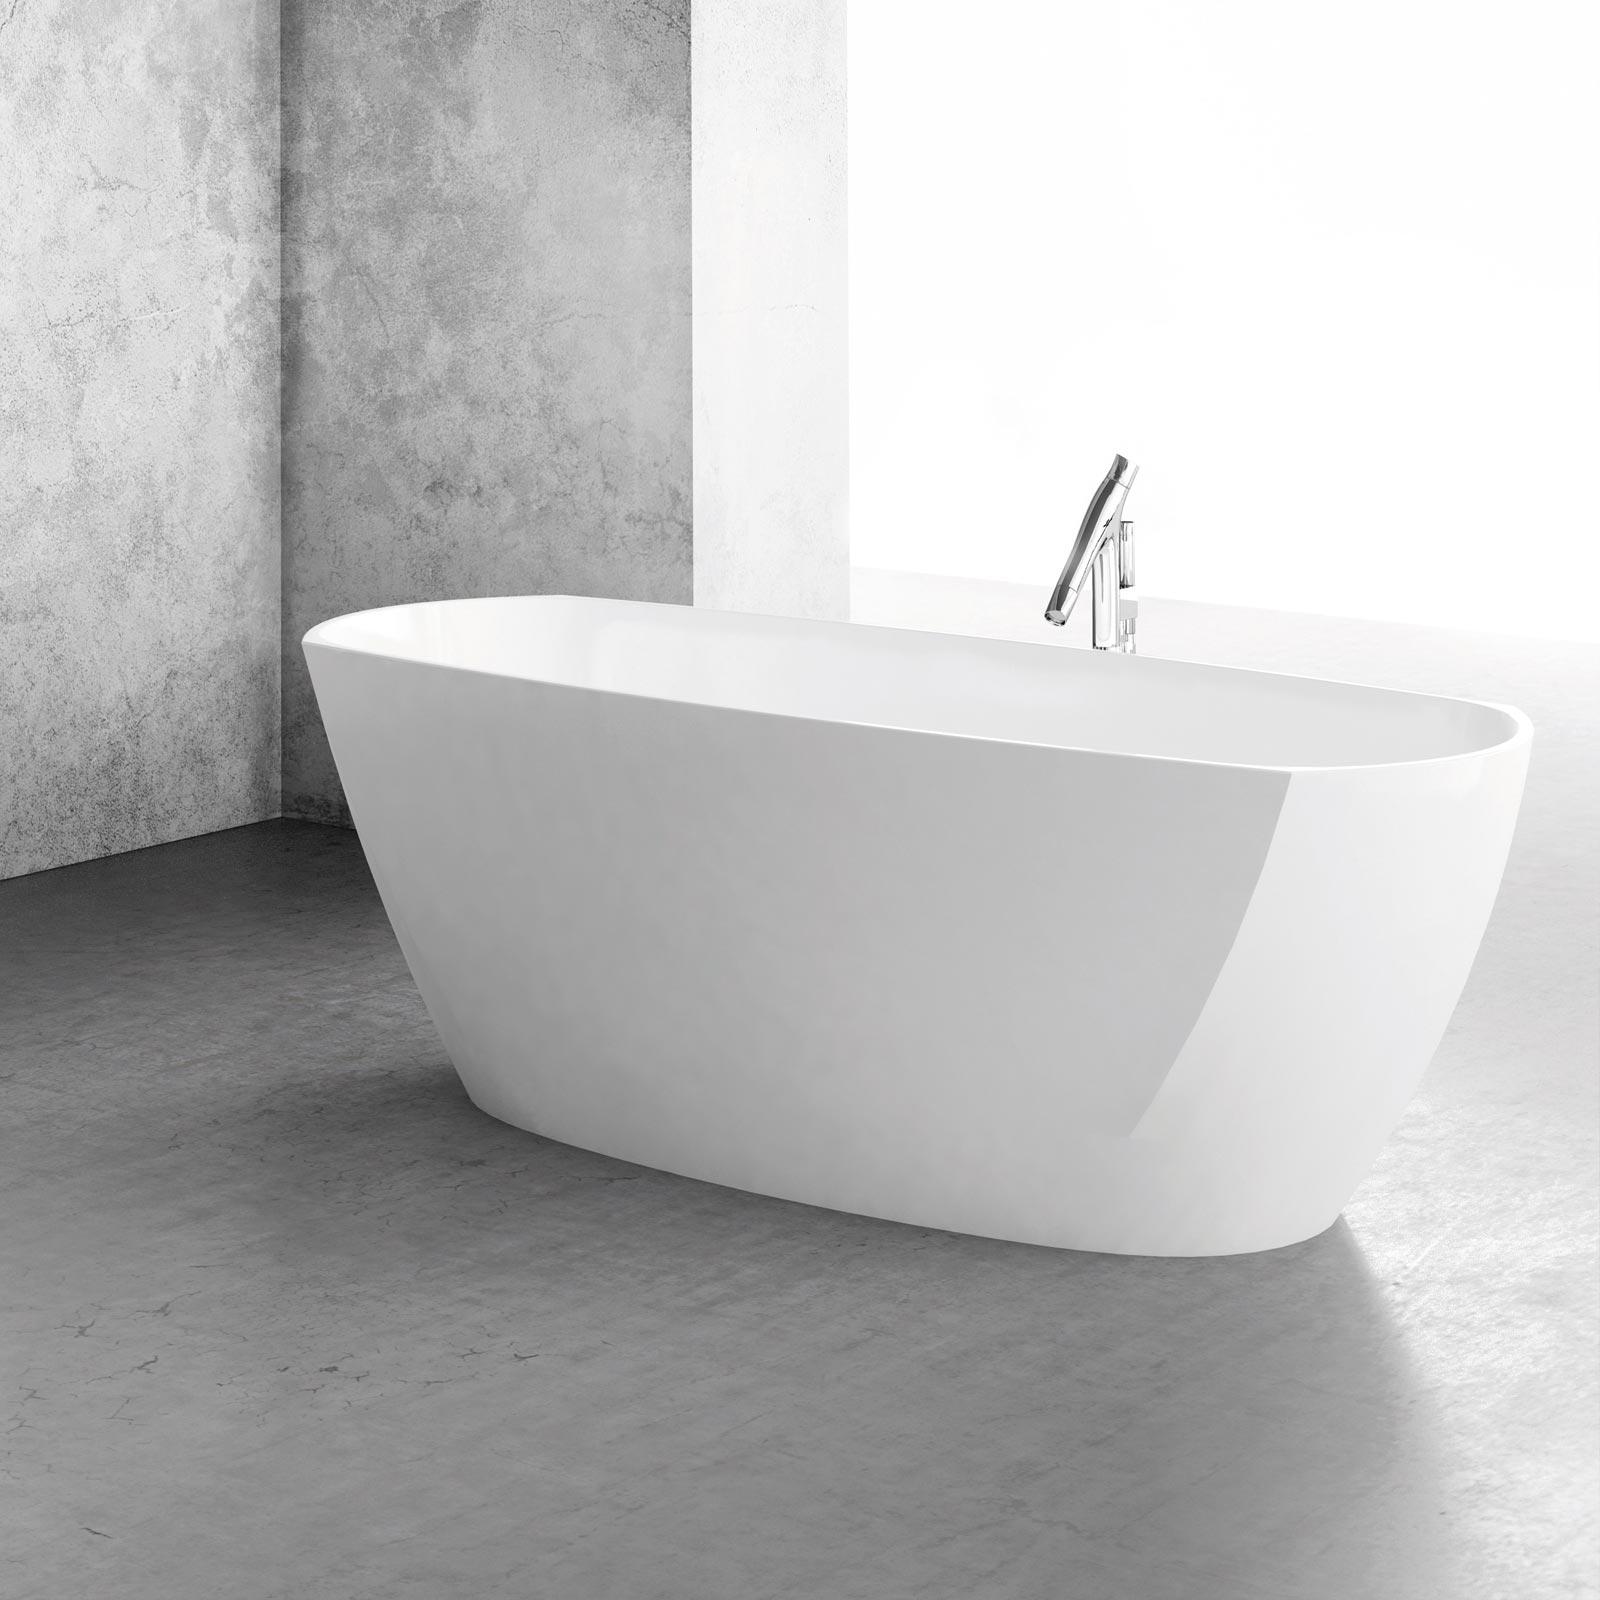 baignoires lots meubles de salle de bains baignoires. Black Bedroom Furniture Sets. Home Design Ideas